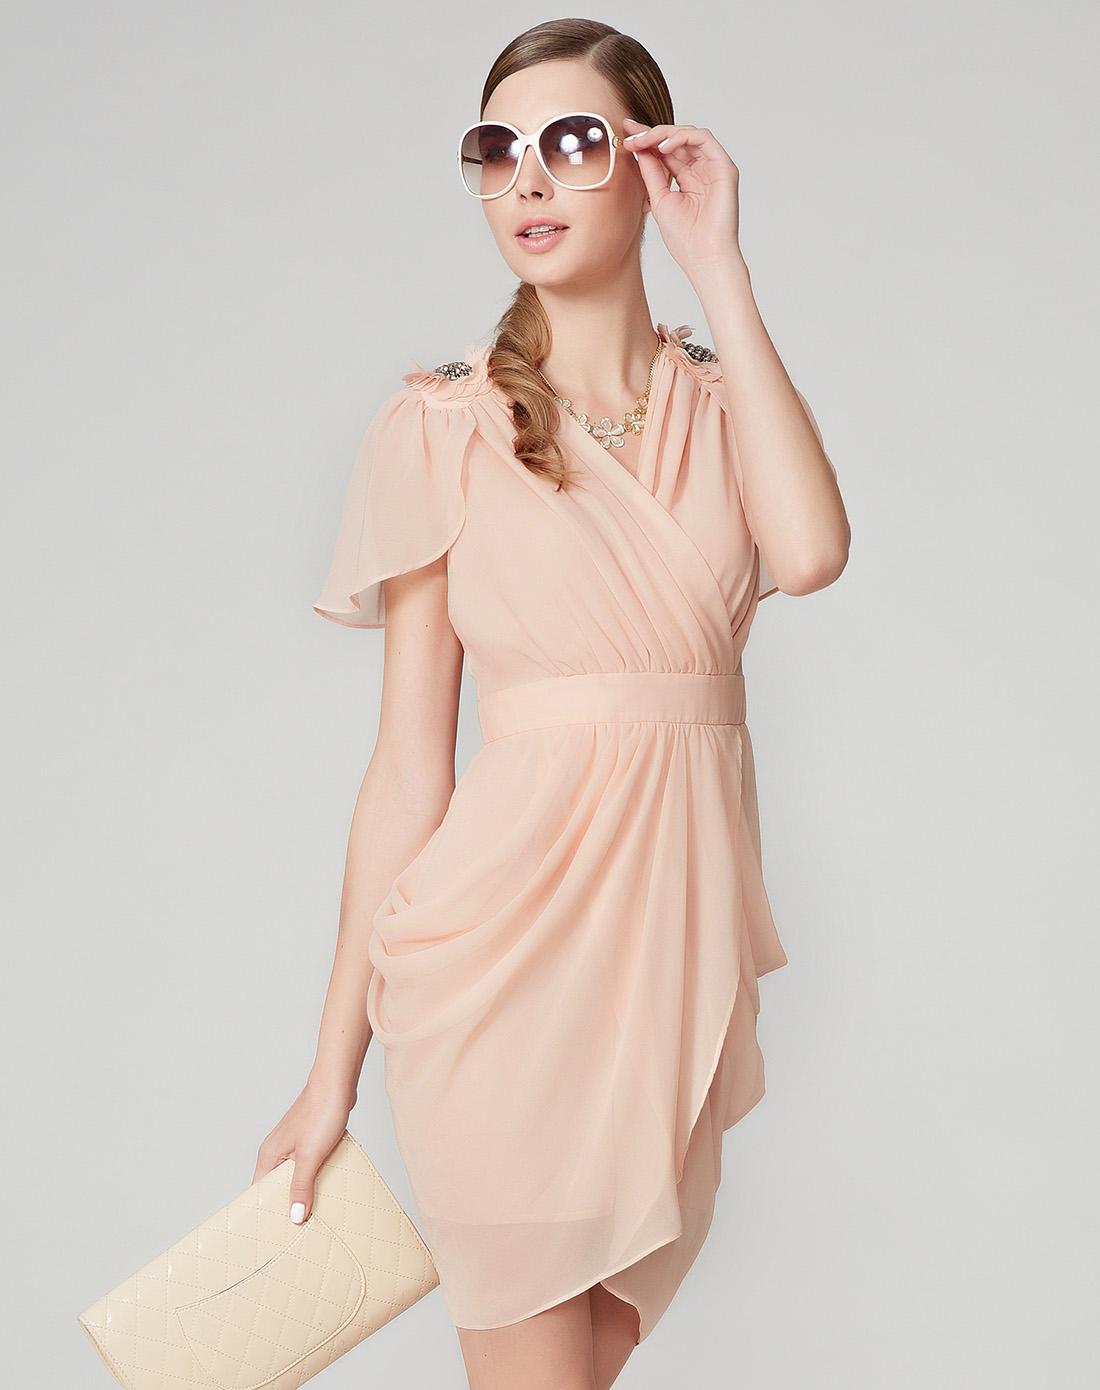 粉色皱褶连衣裙